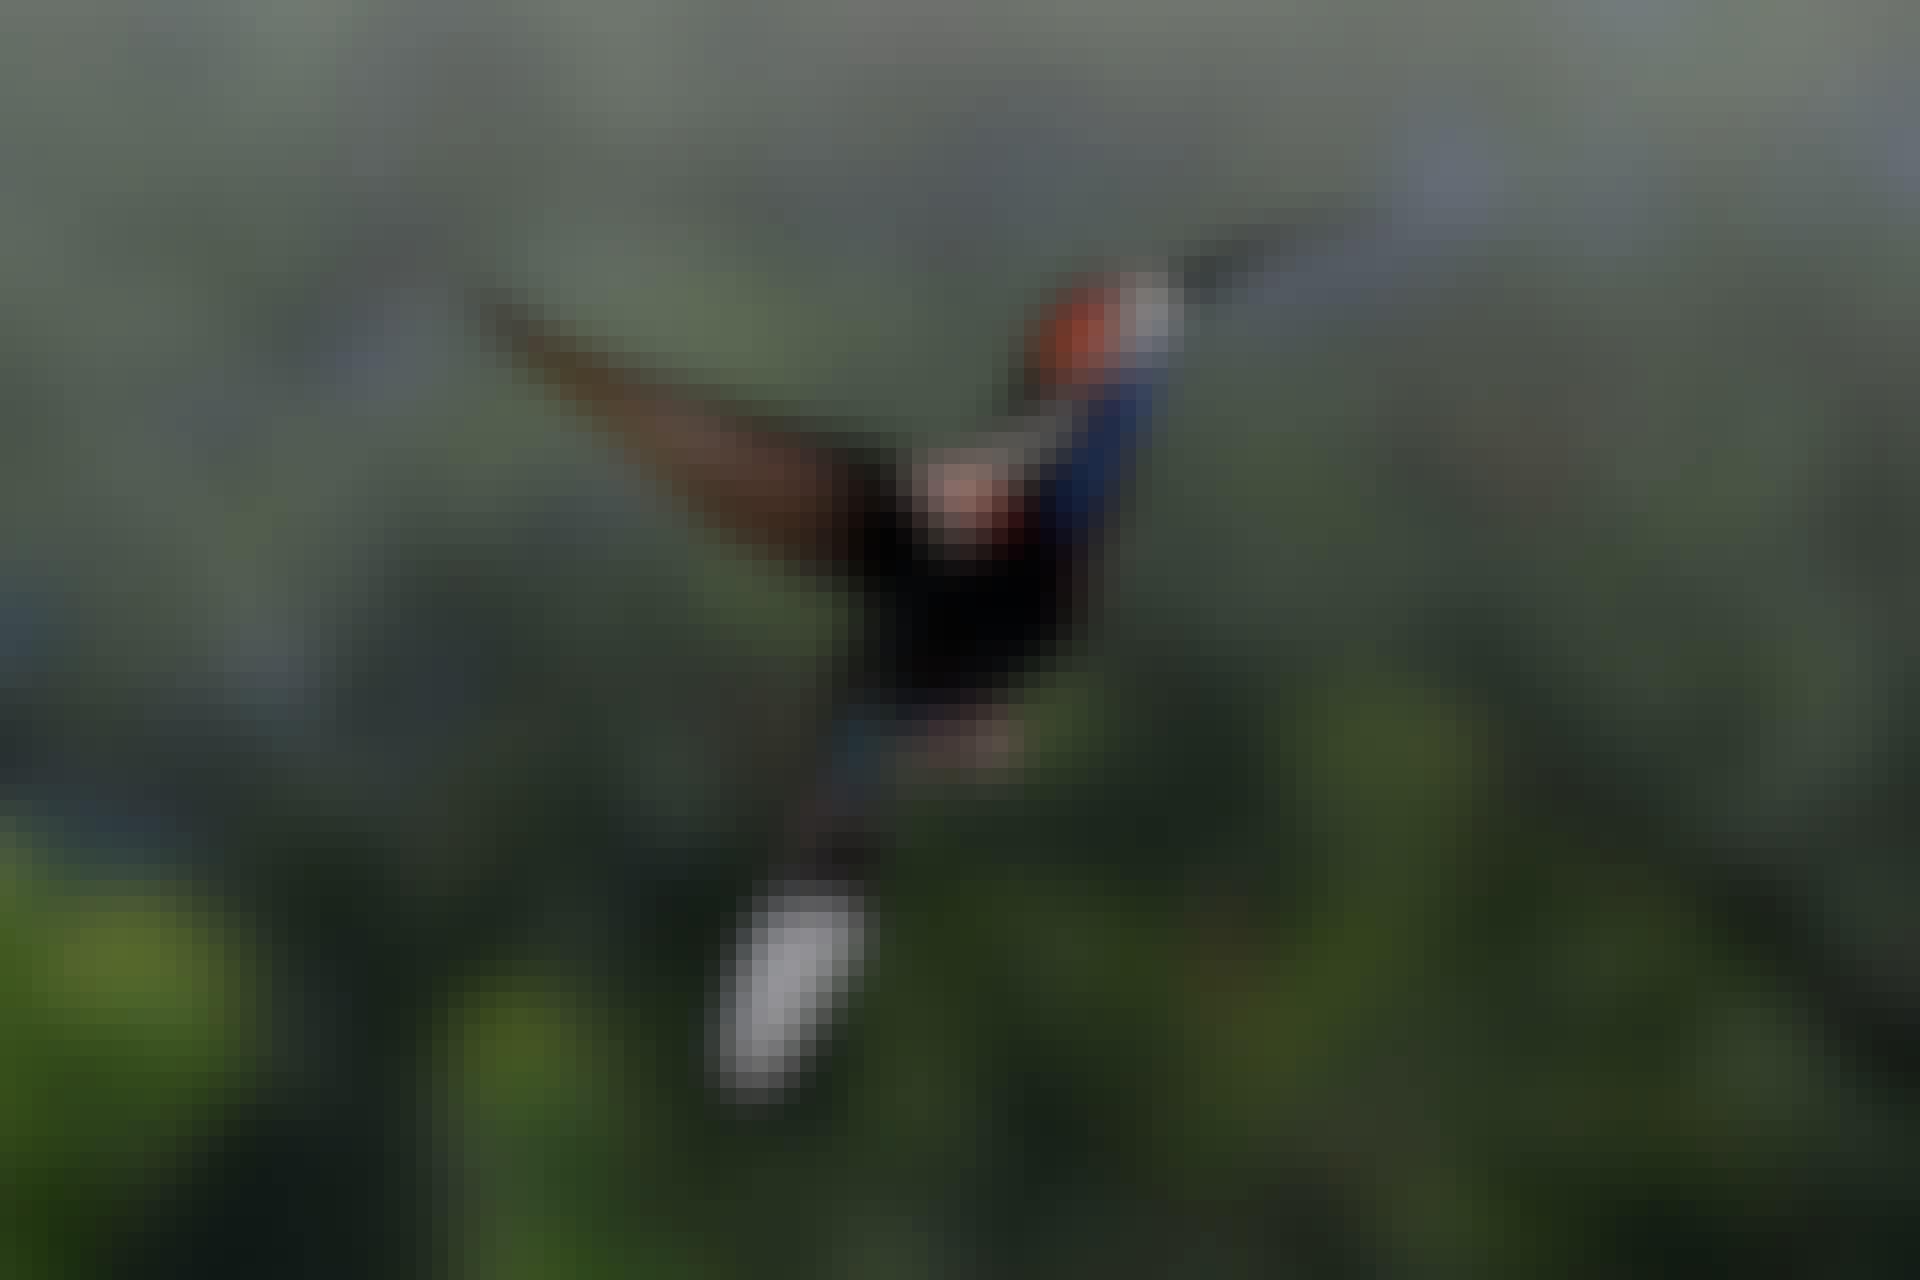 Kolibrins axelled